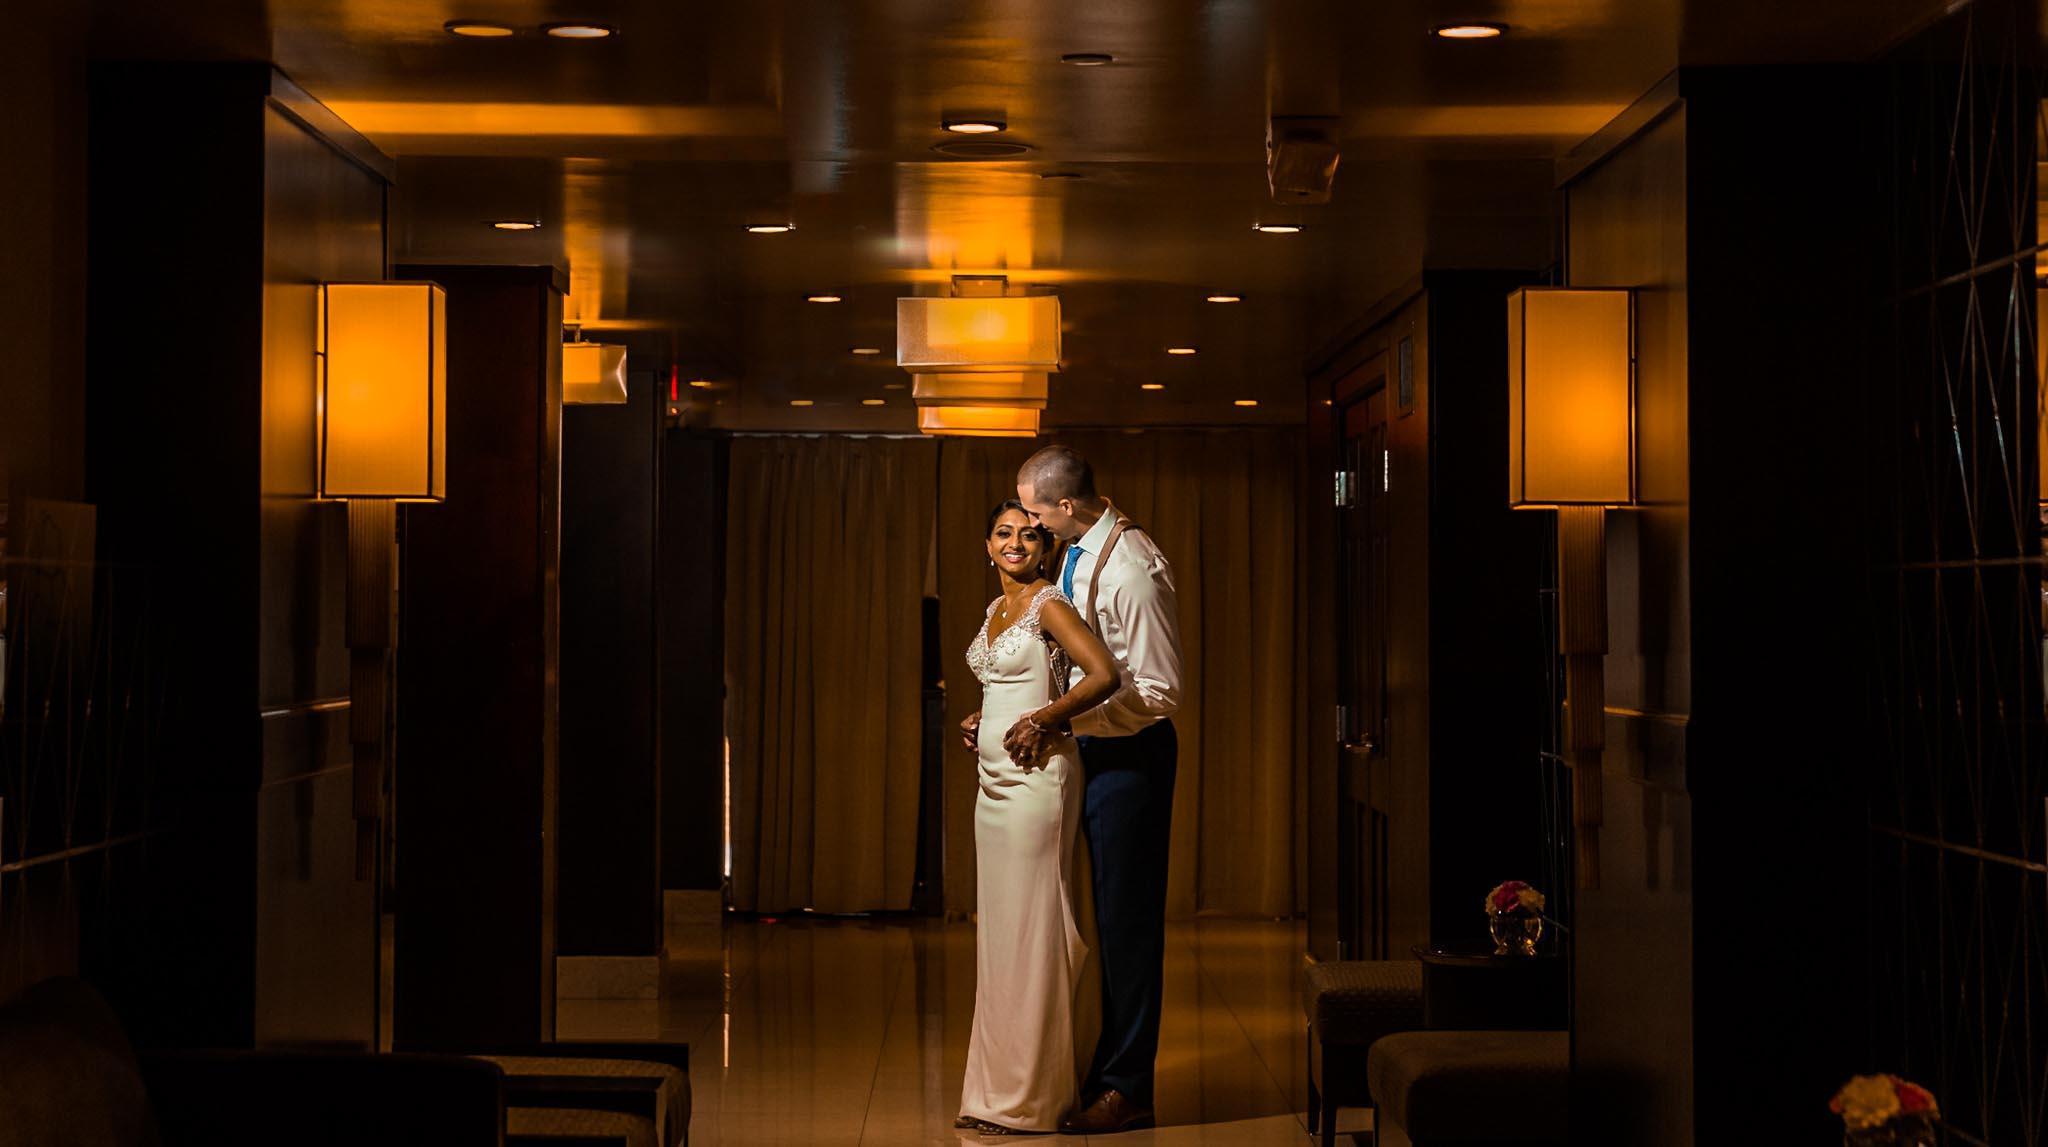 Best-nj-wedding-photographer.JPG